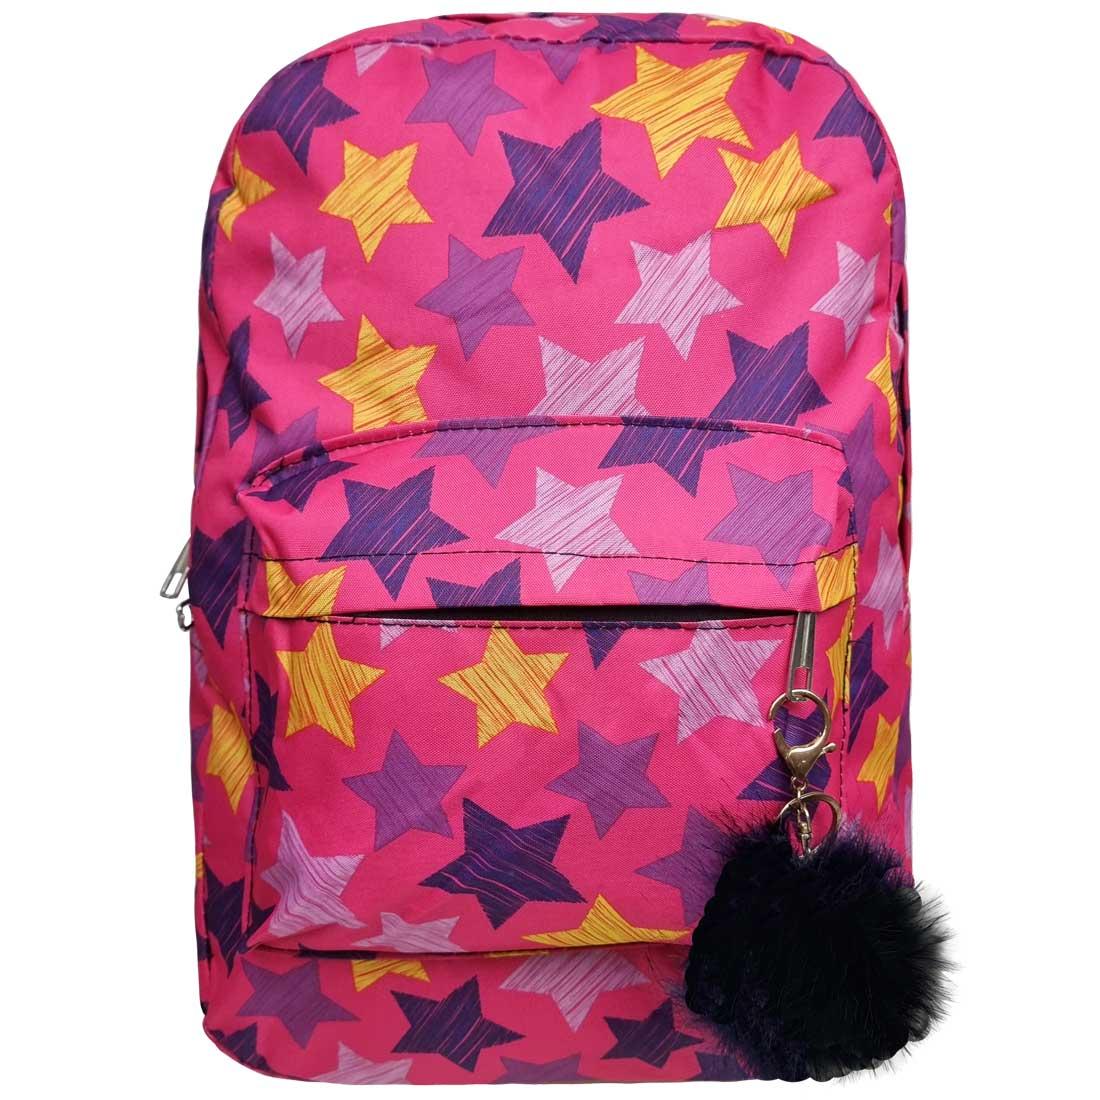 Mochila Estampada com Estrelas - Pink